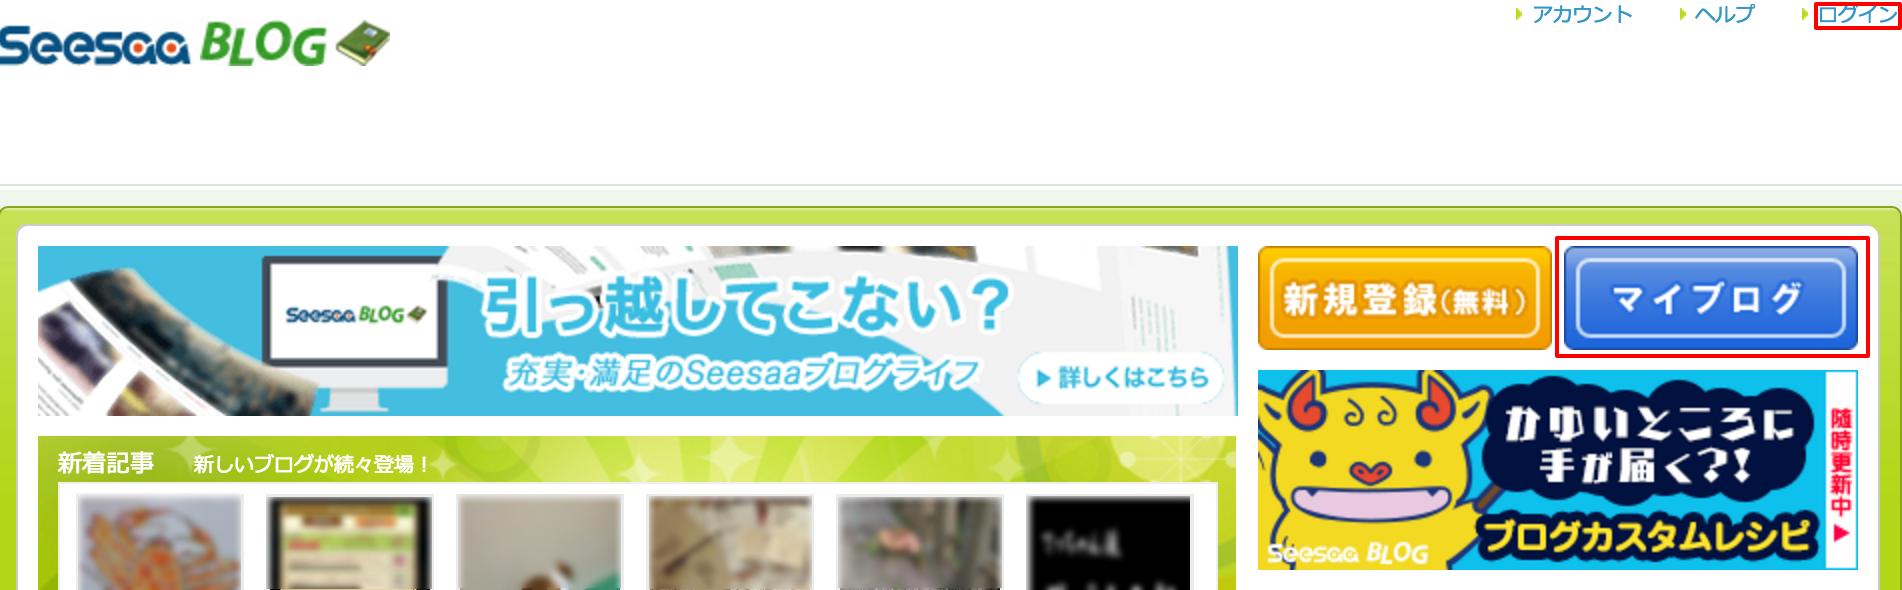 ポータルトップページ画面